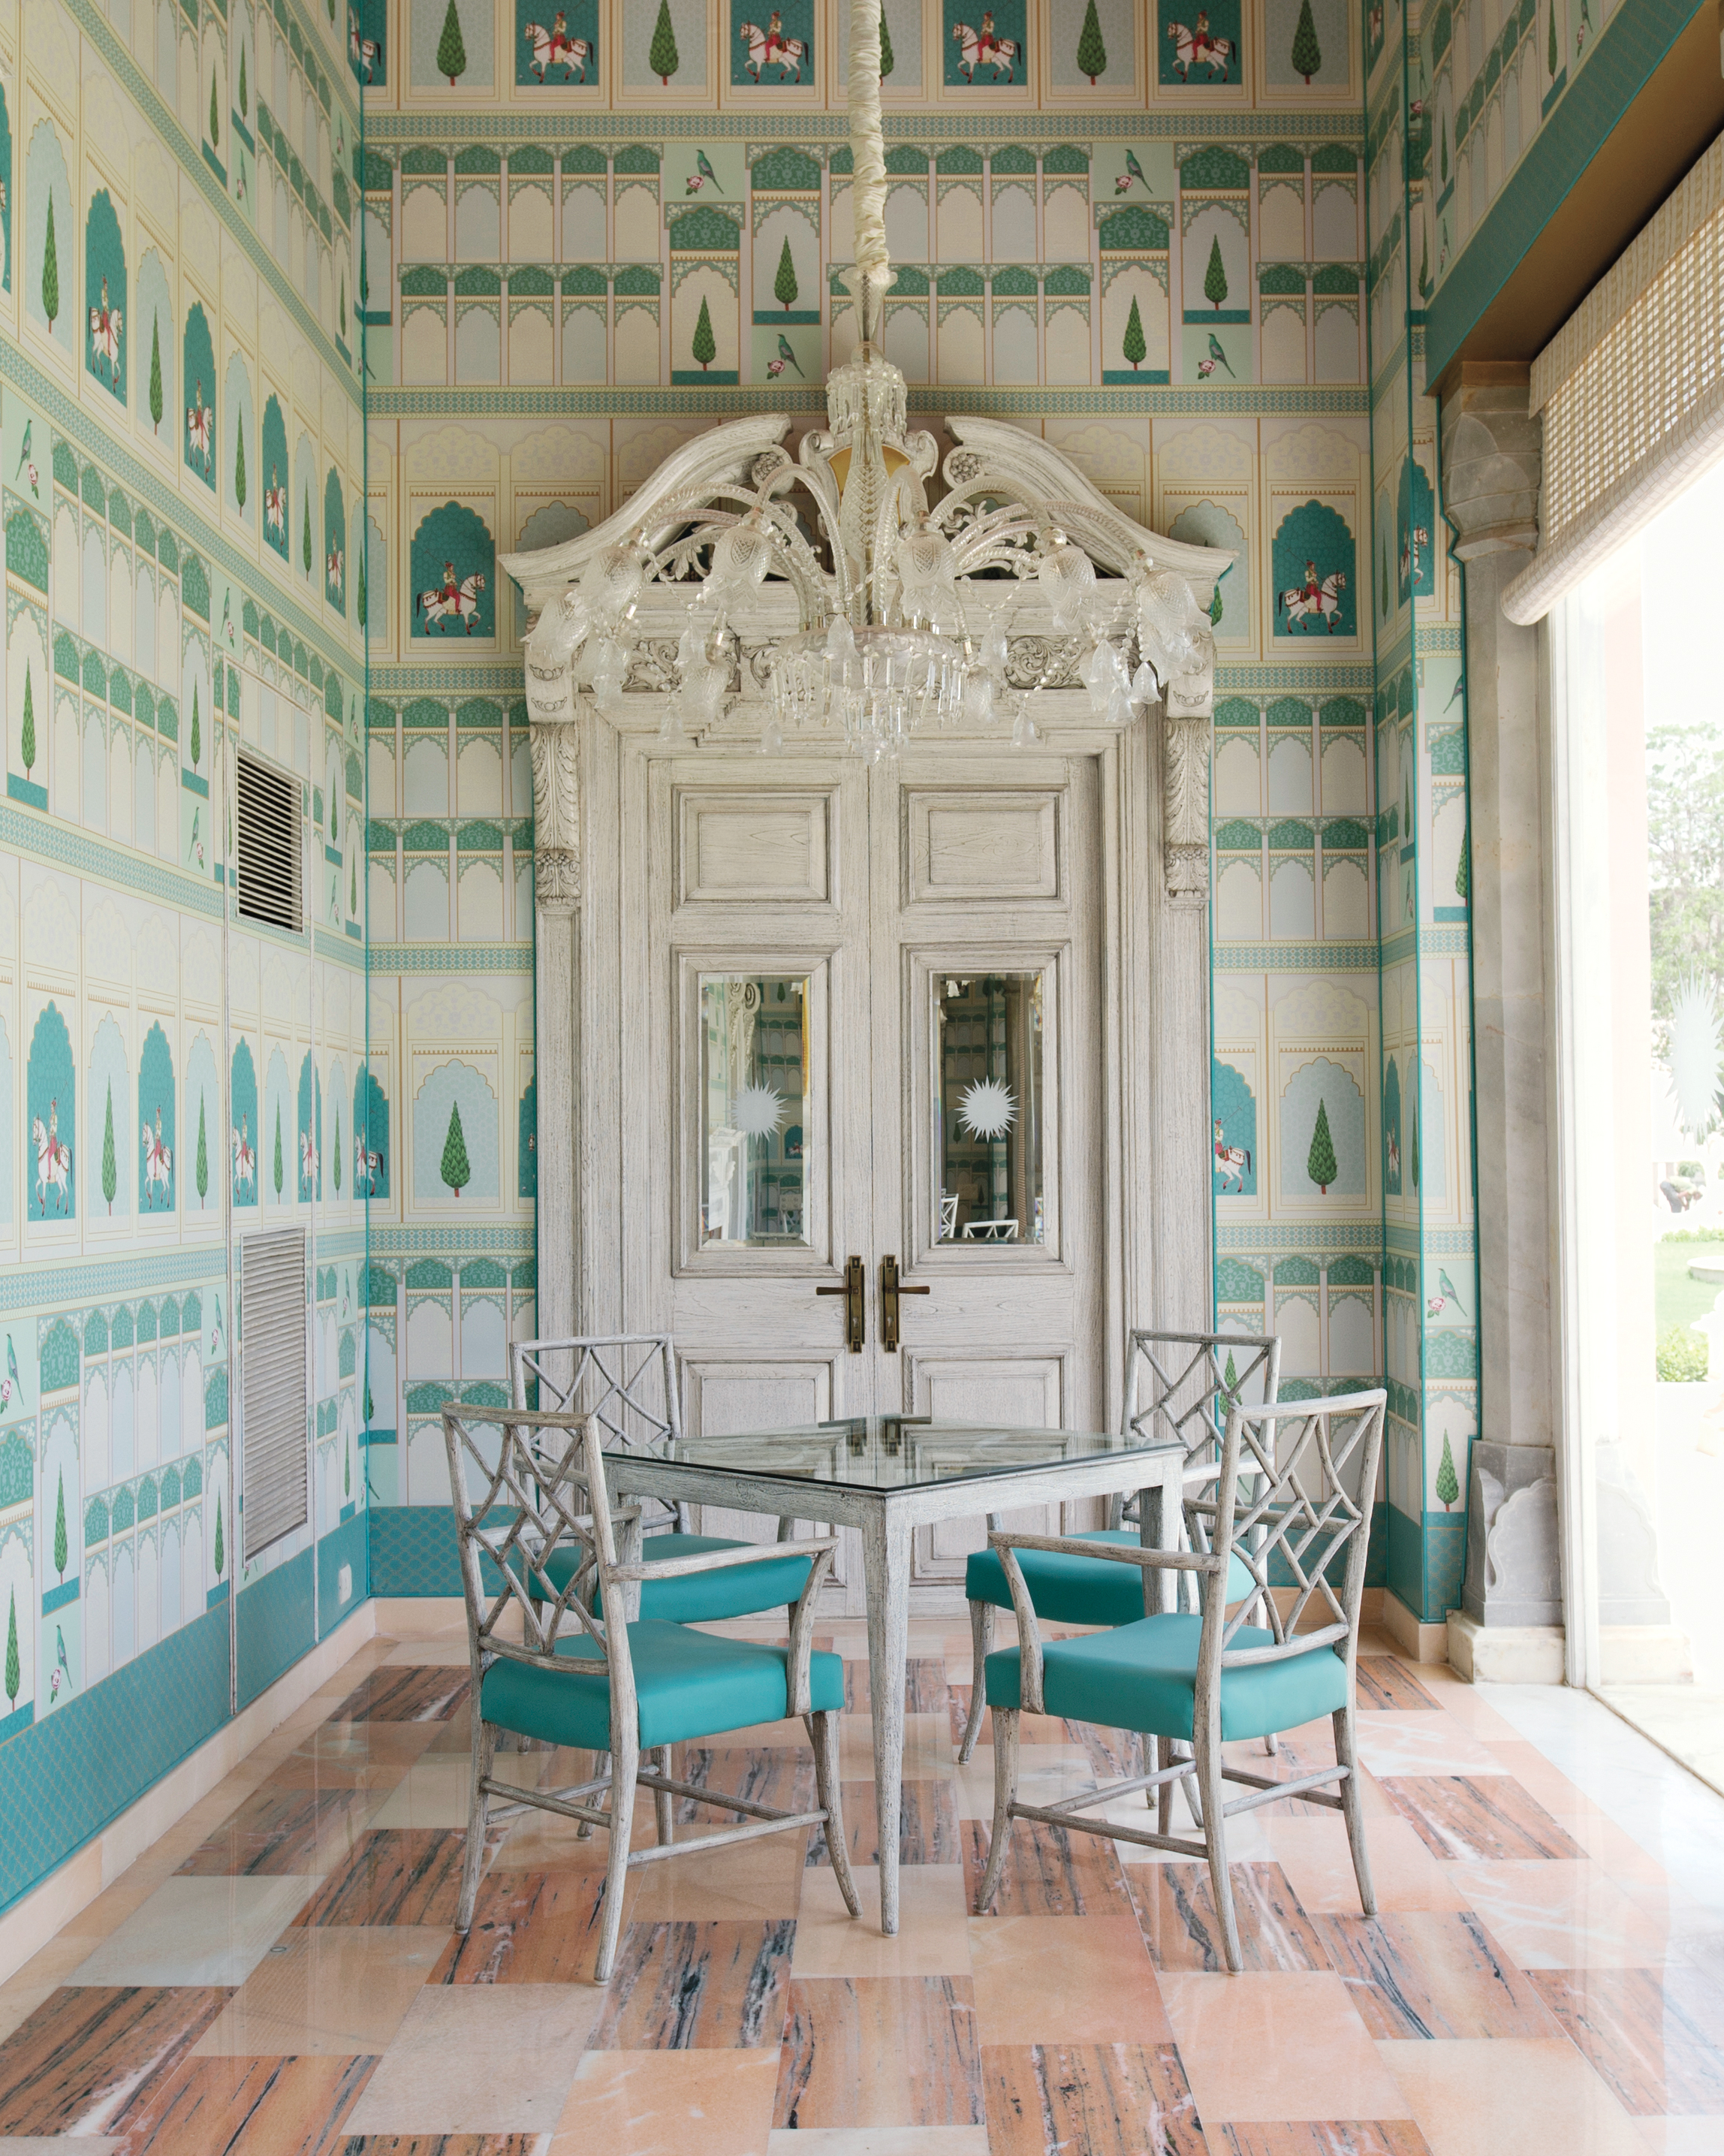 verandah-wide-s111878.jpg